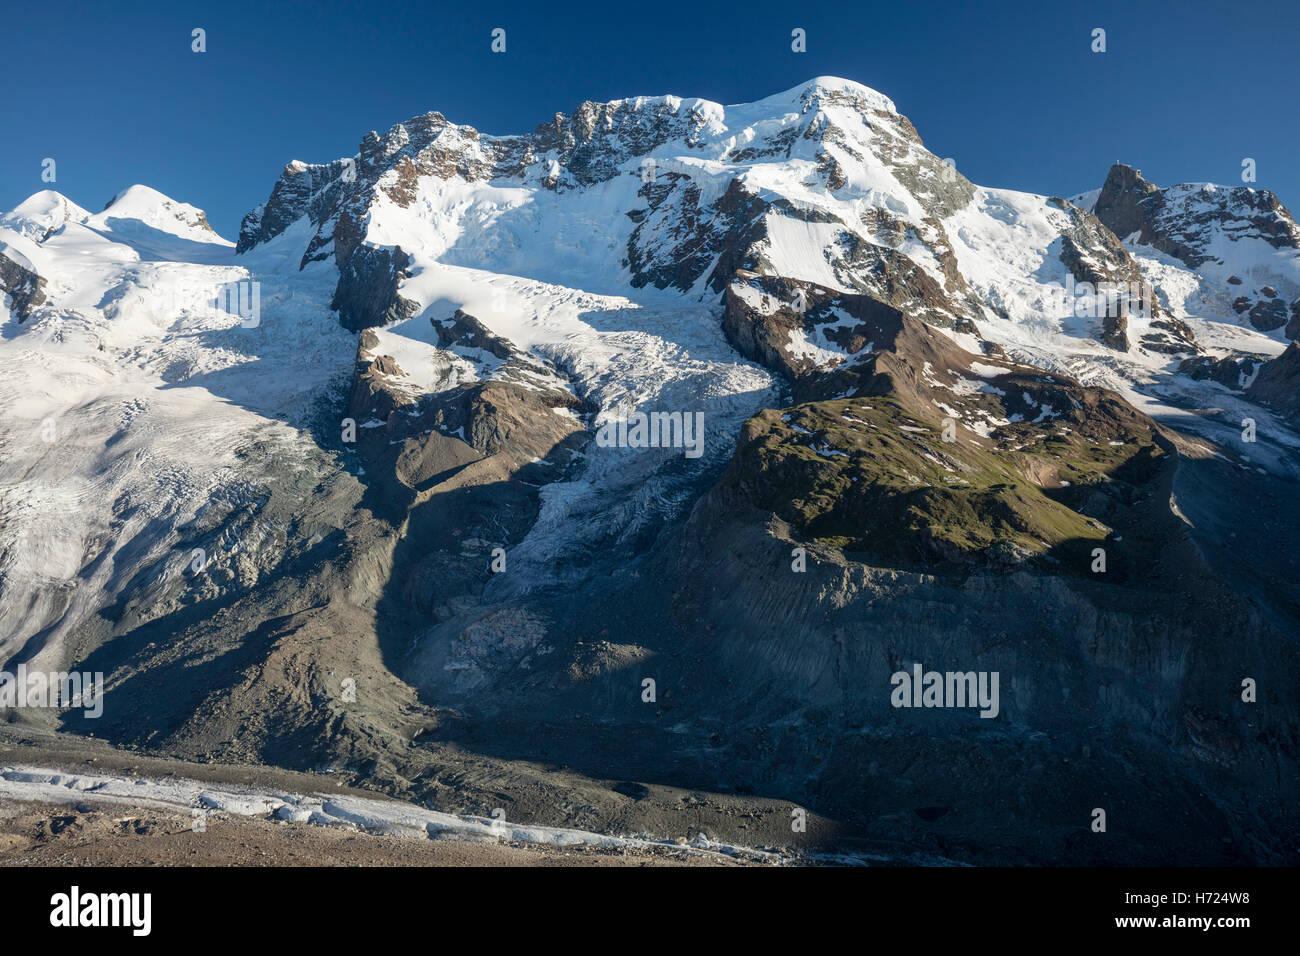 Das Breithorn vom Gornergrat, Zermatt, Walliser Alpen, Wallis, Schweiz. Stockbild